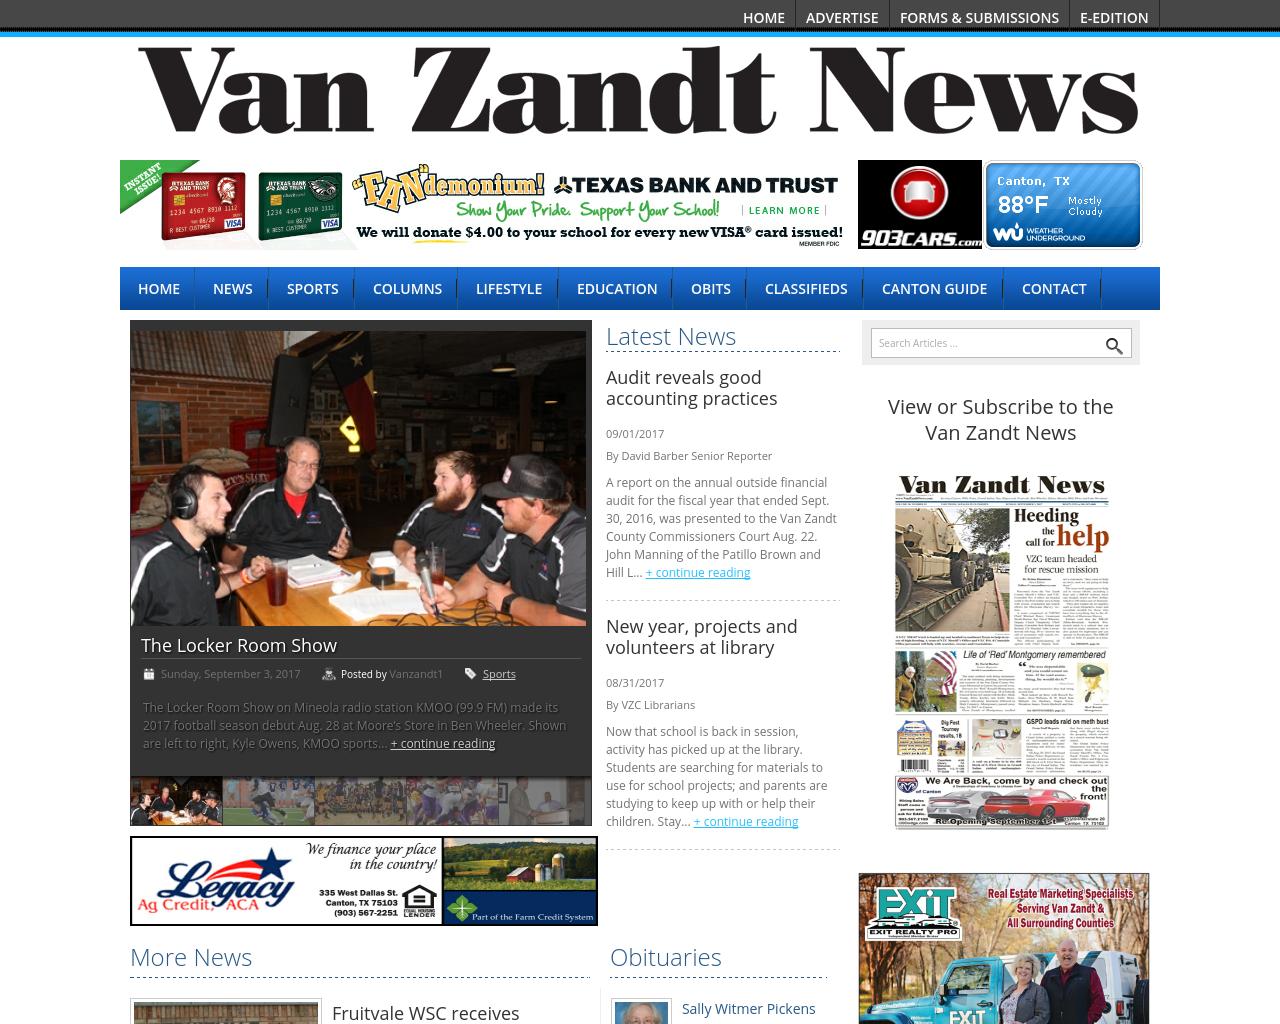 Van-Zandt-Newspapers-Advertising-Reviews-Pricing